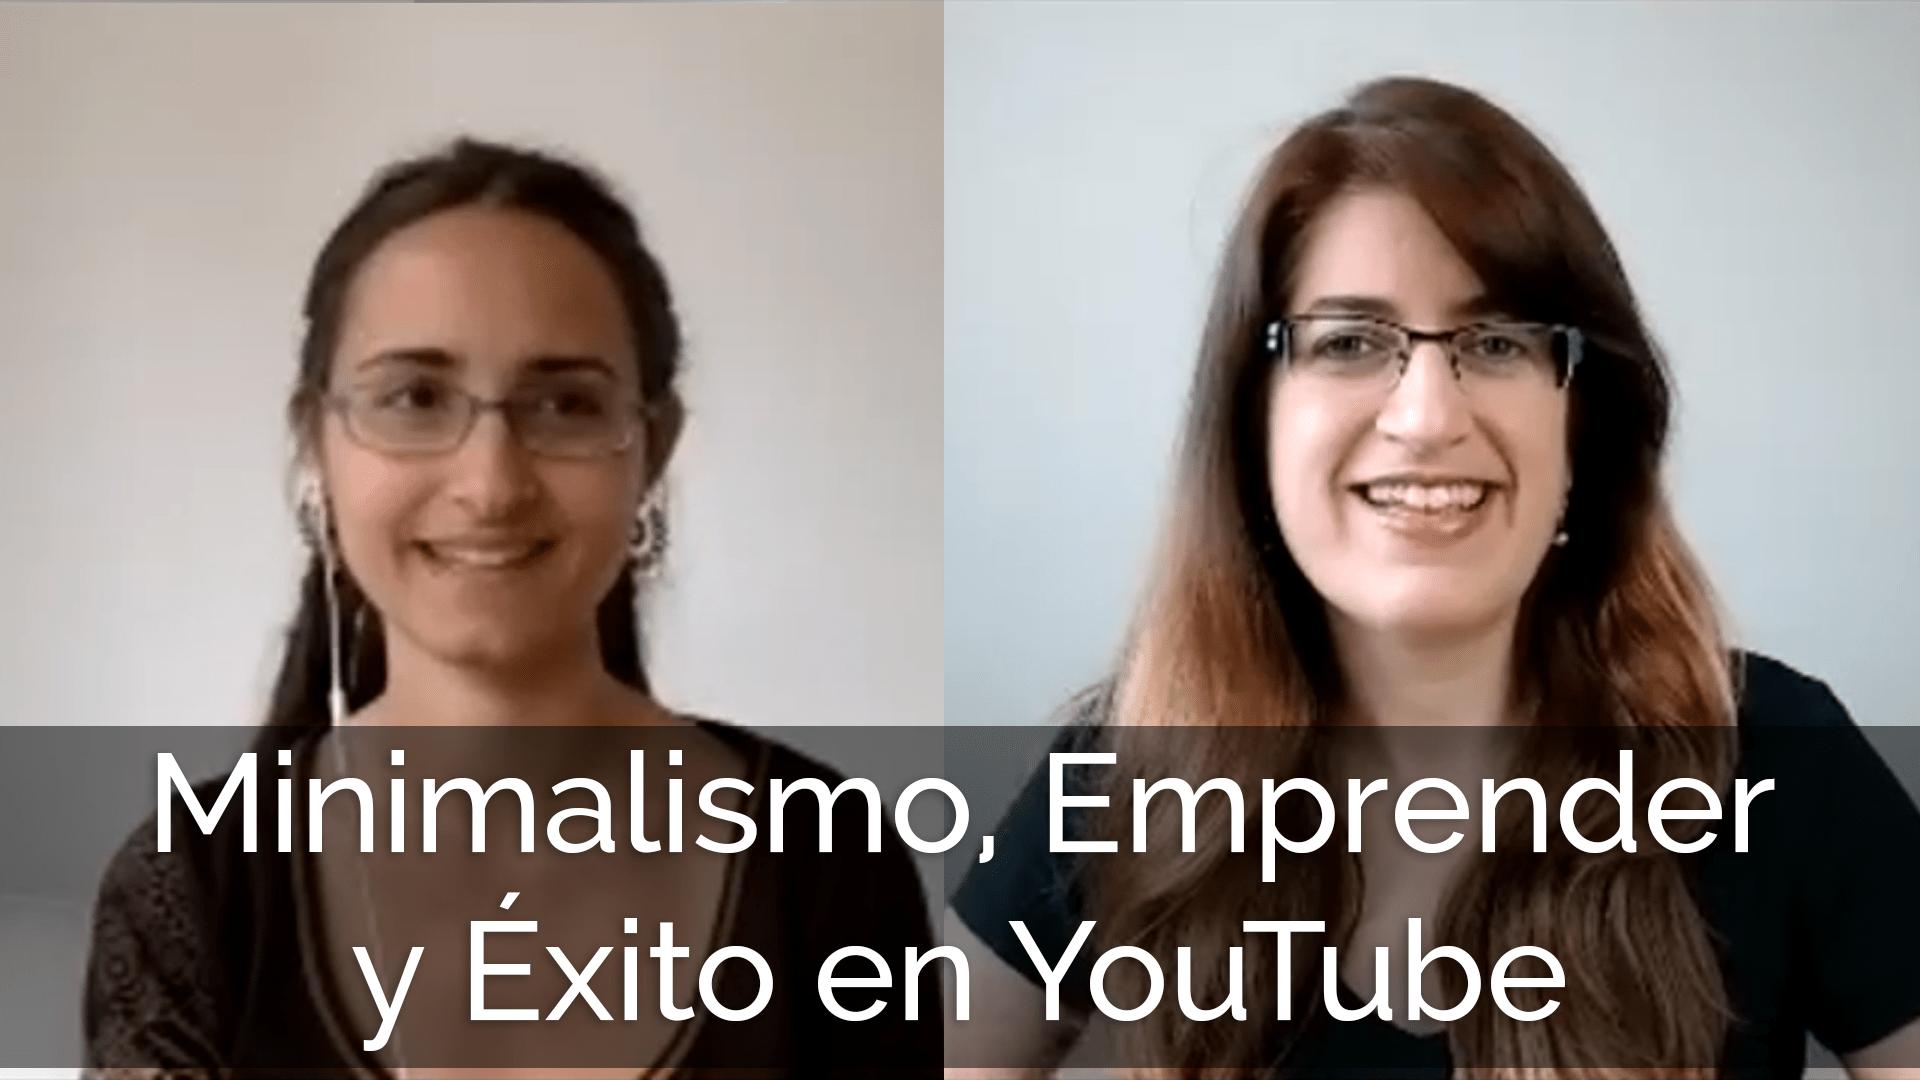 Entrevista Adriana Coines - Minimalistamente